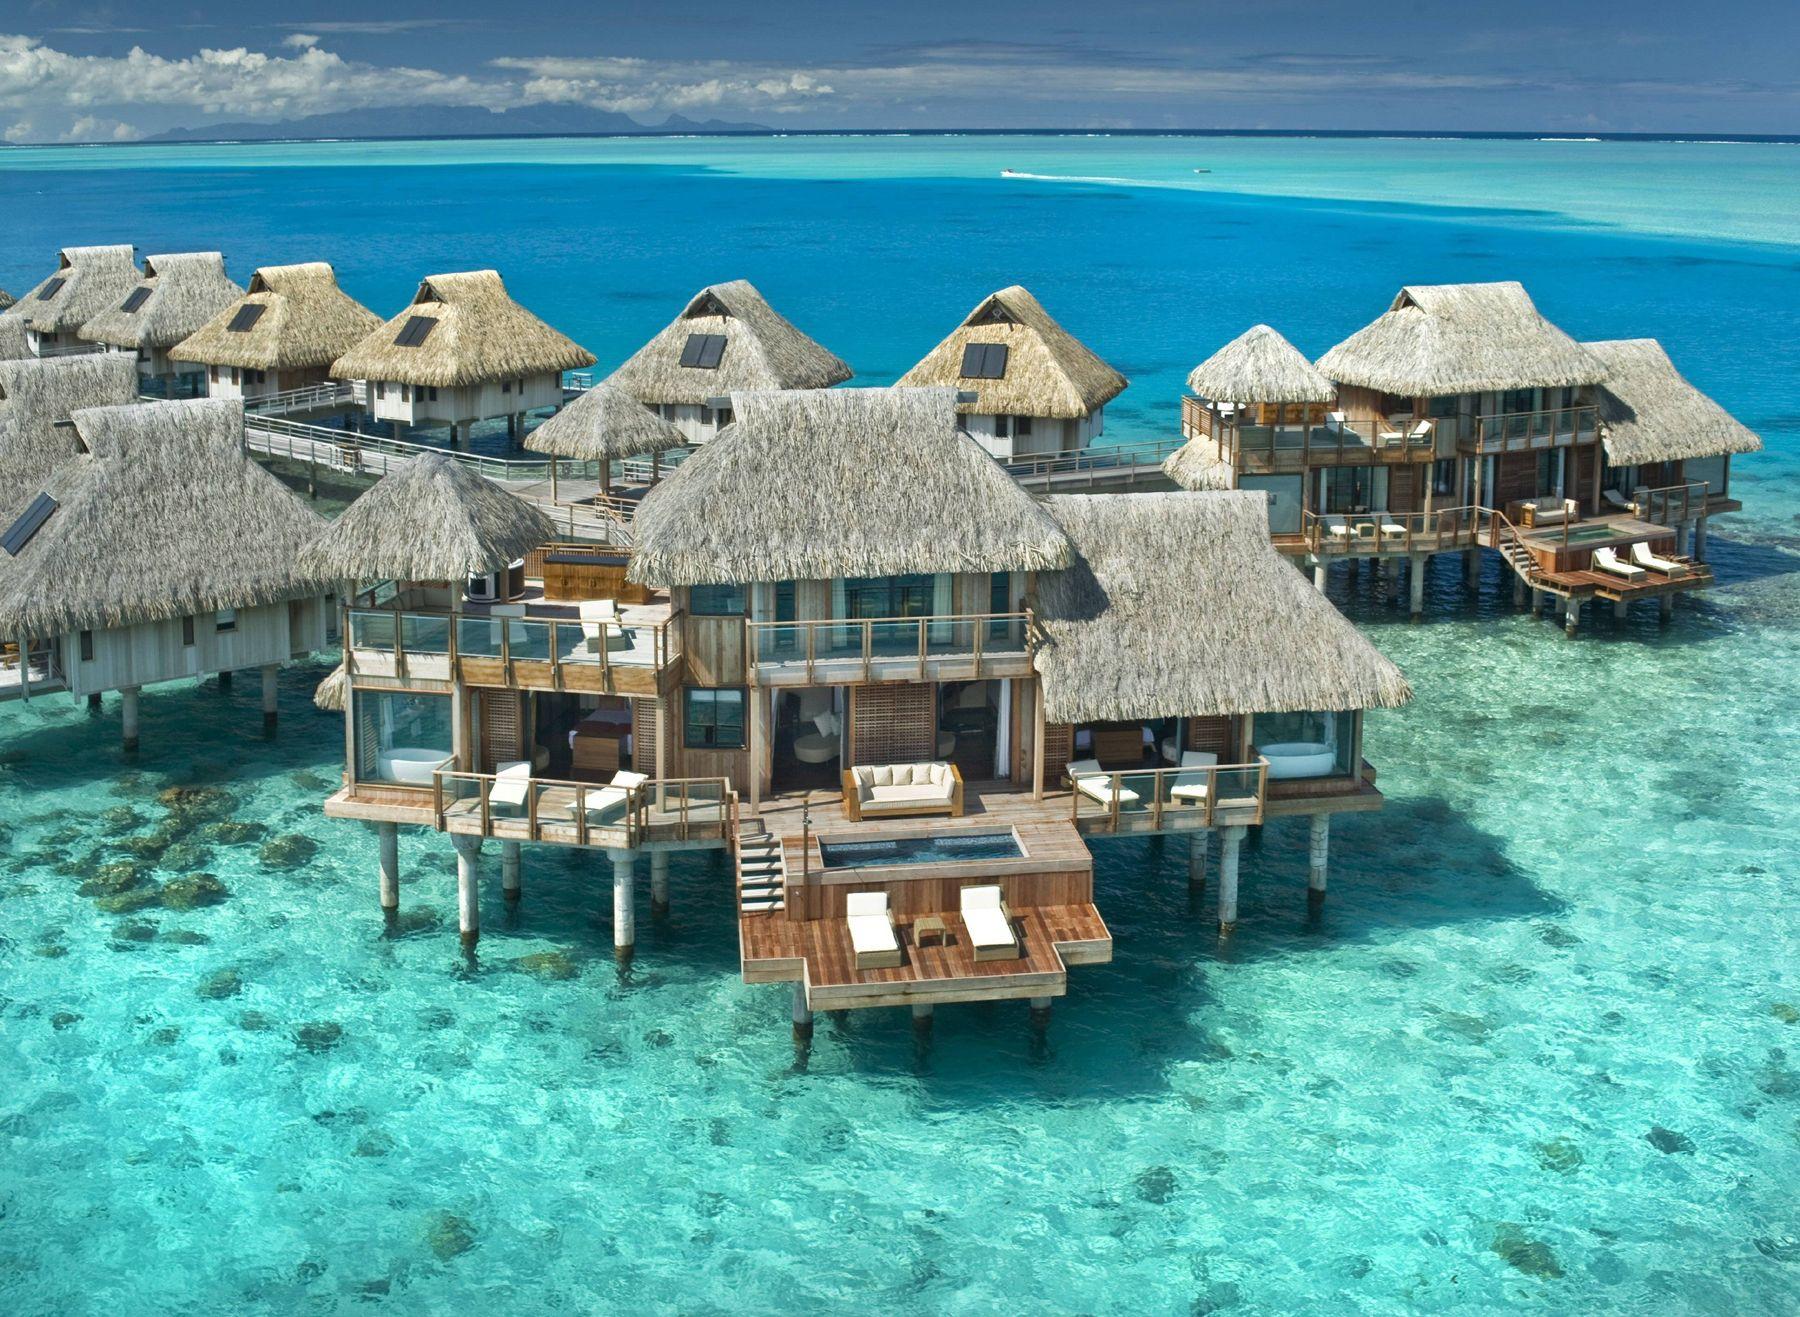 Bora Bora Island Tahiti French Polynesia Tourist